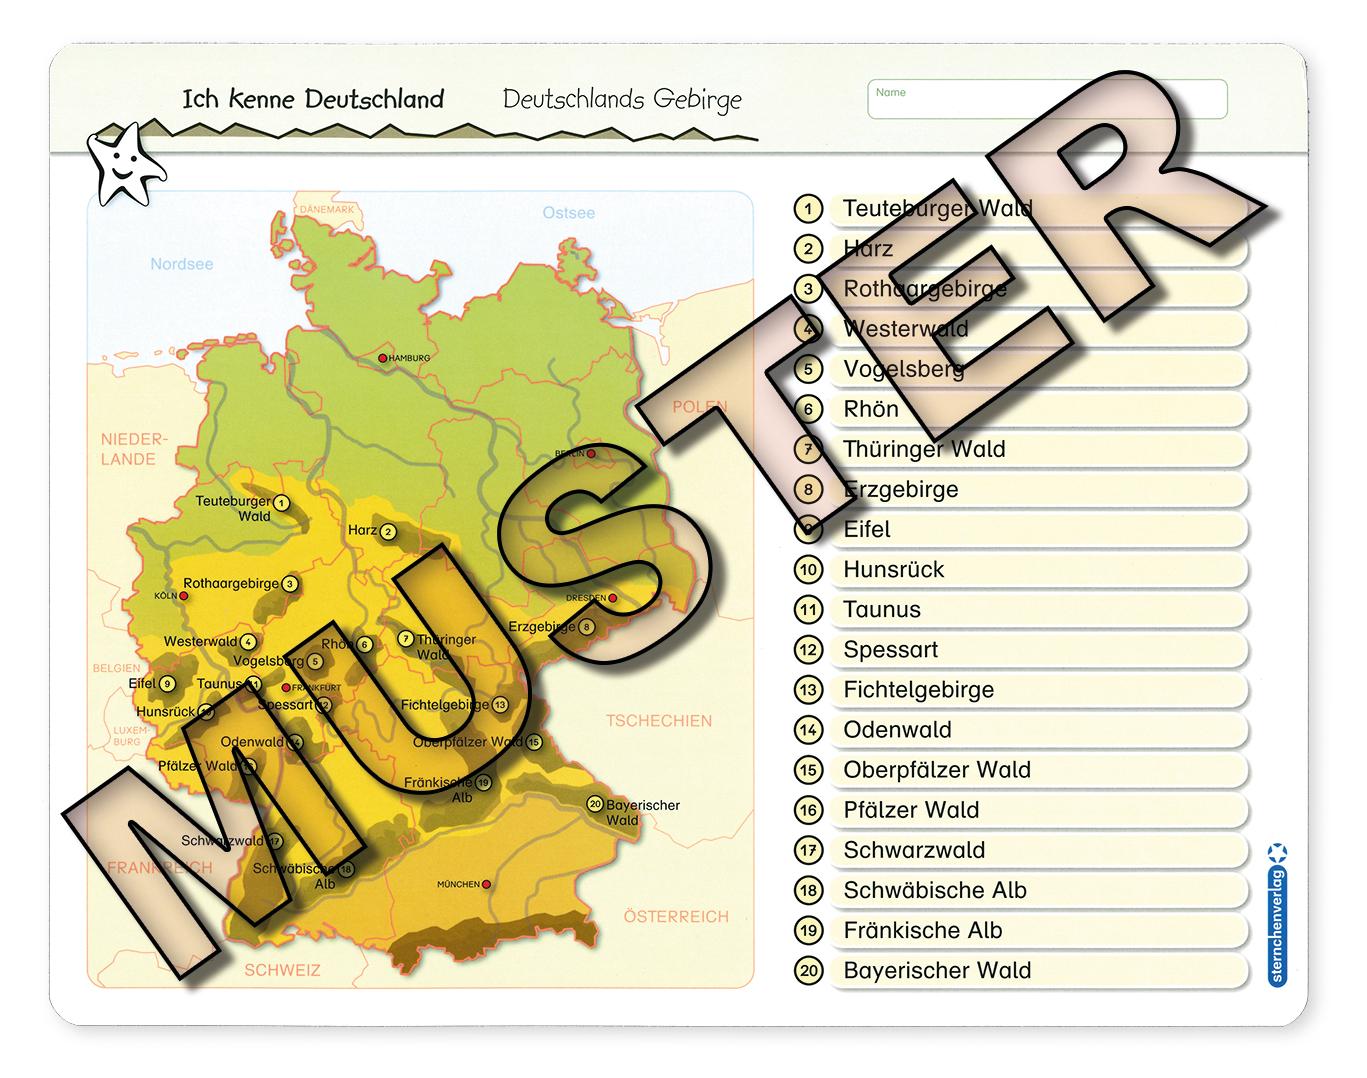 Veris Direct Ich Kenne Deutschland Deutschlands Gebirge